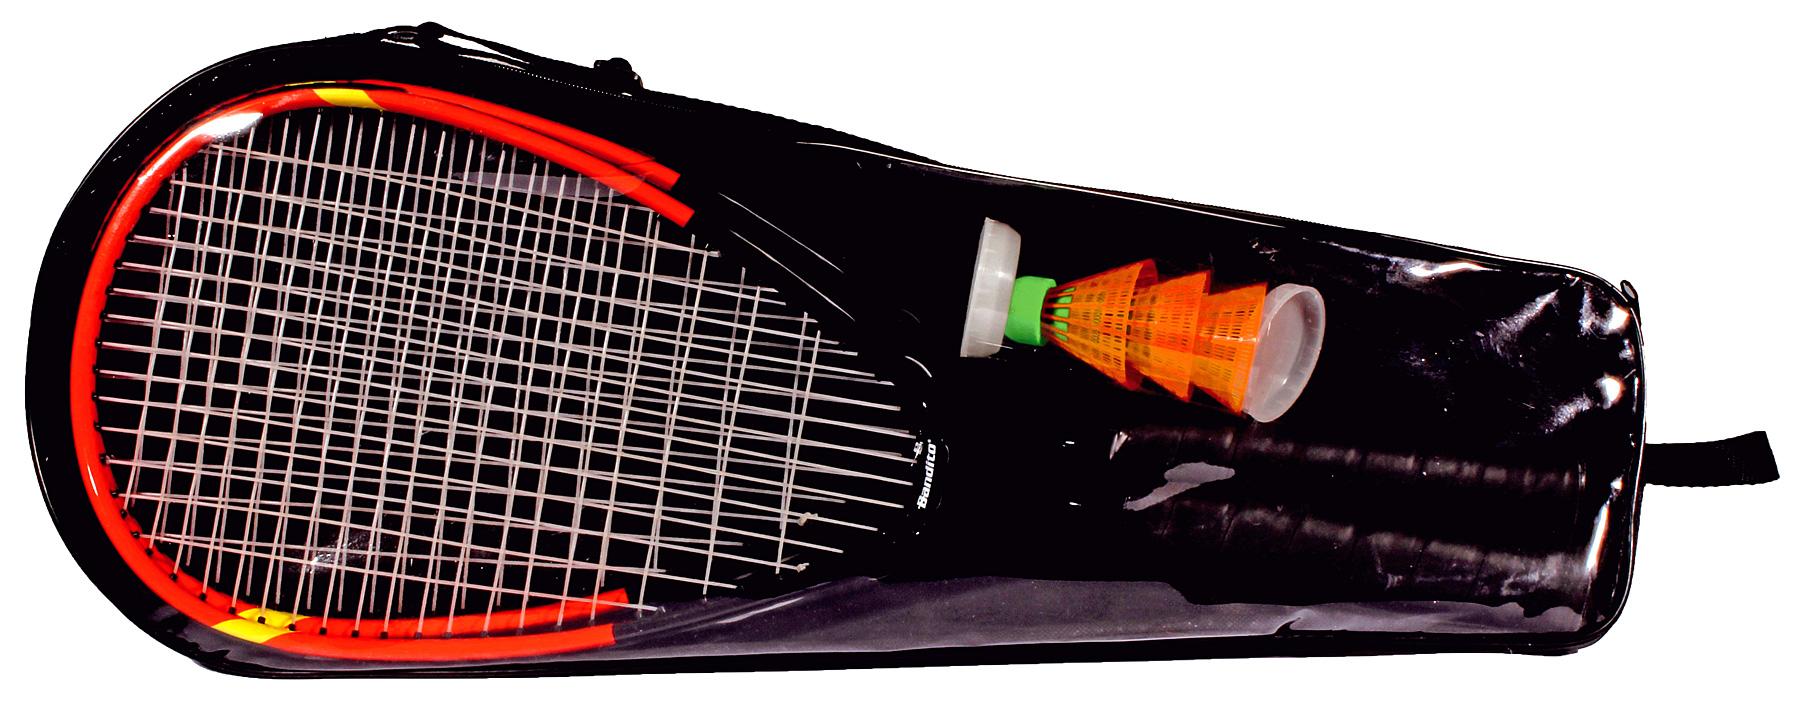 Badminton Set Badminton InclTasche Schläger Speed Speed Schläger mnw80N